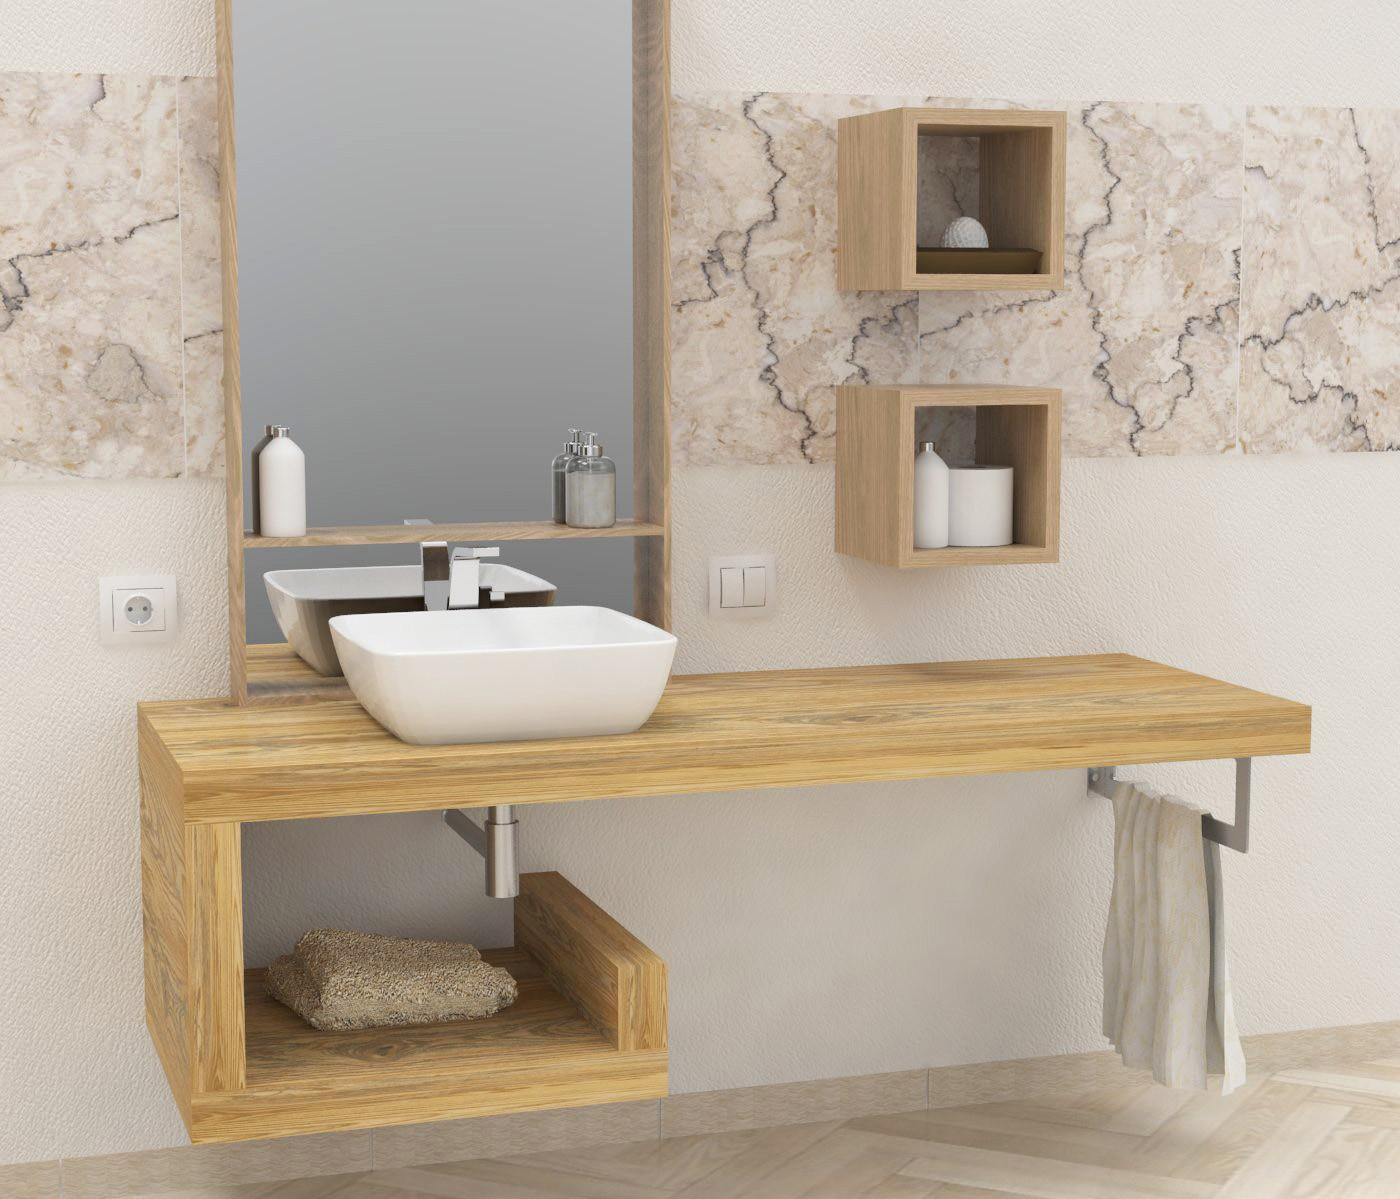 Mensola lavabo a g in legno massello su misura spessore 5 for Mensole arredo bagno